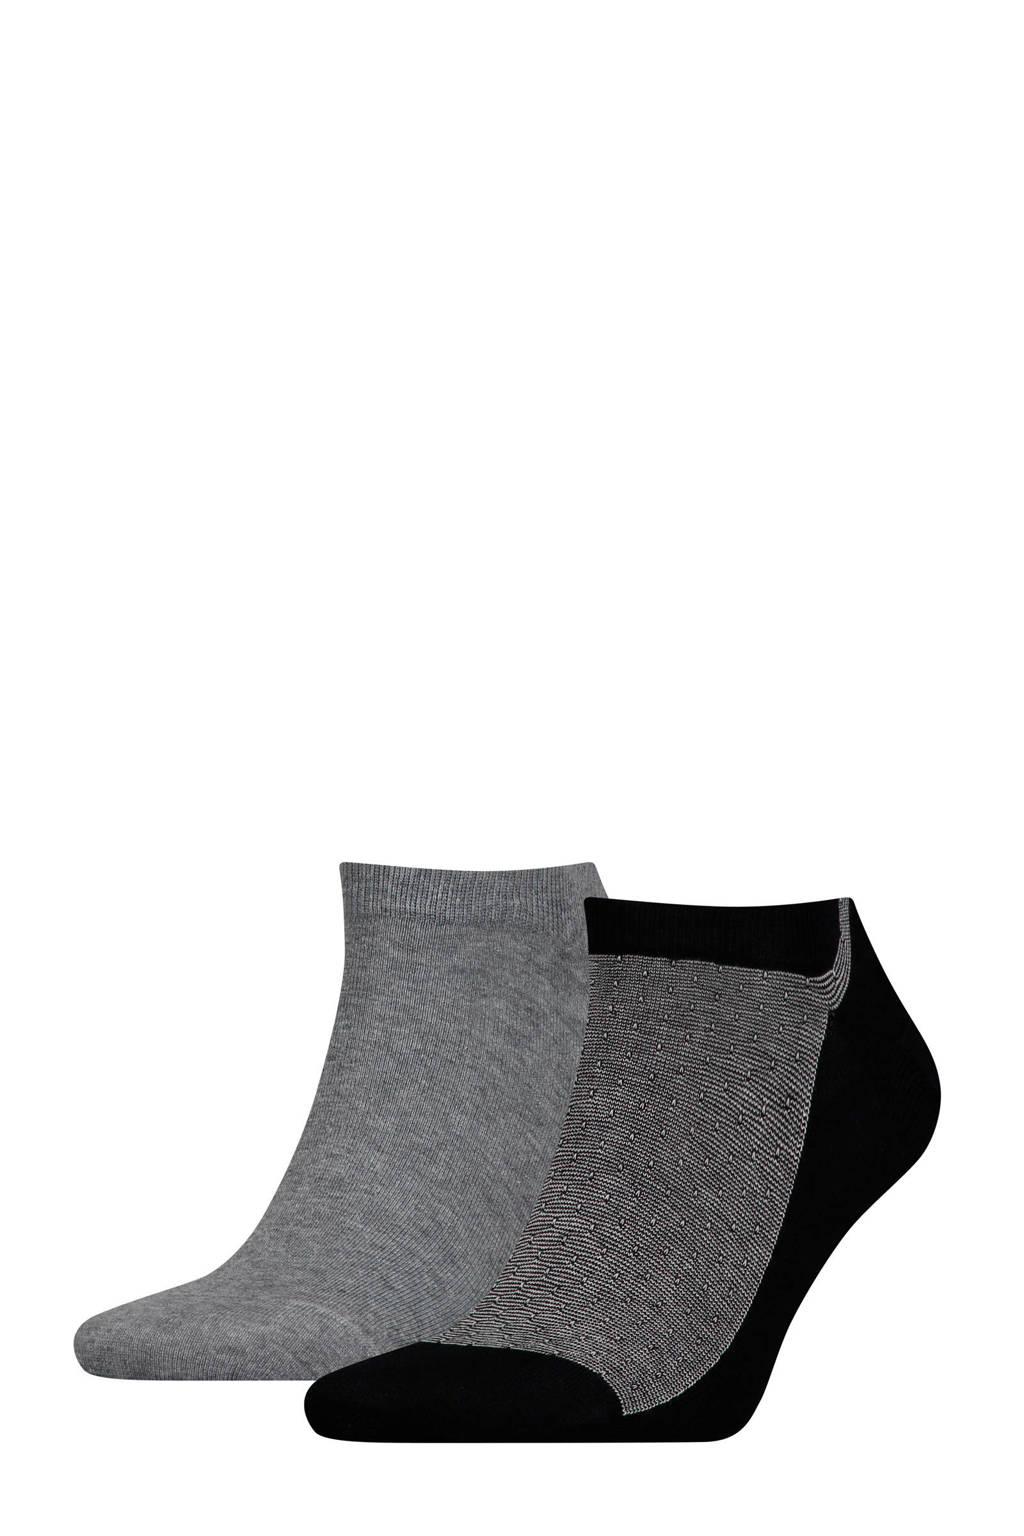 Tommy Hilfiger sneakersokken grijs set van 2, Zwart/grijs